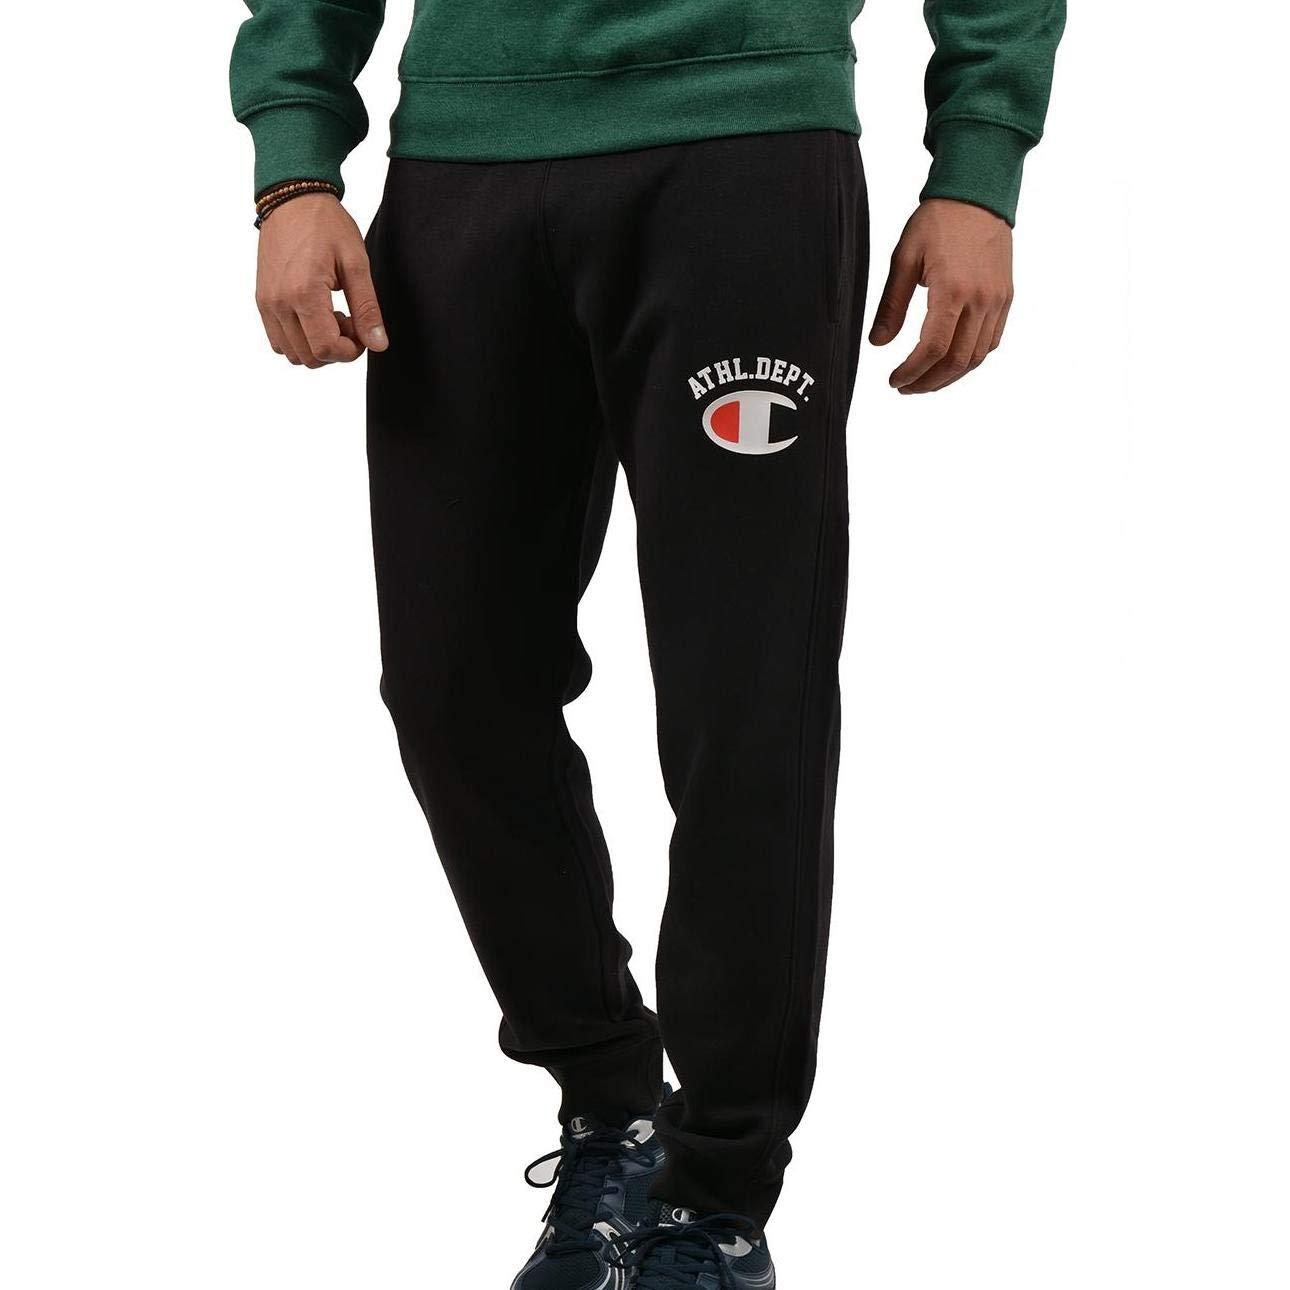 Champion Pantalon 210763 Talla XL: Amazon.es: Ropa y accesorios